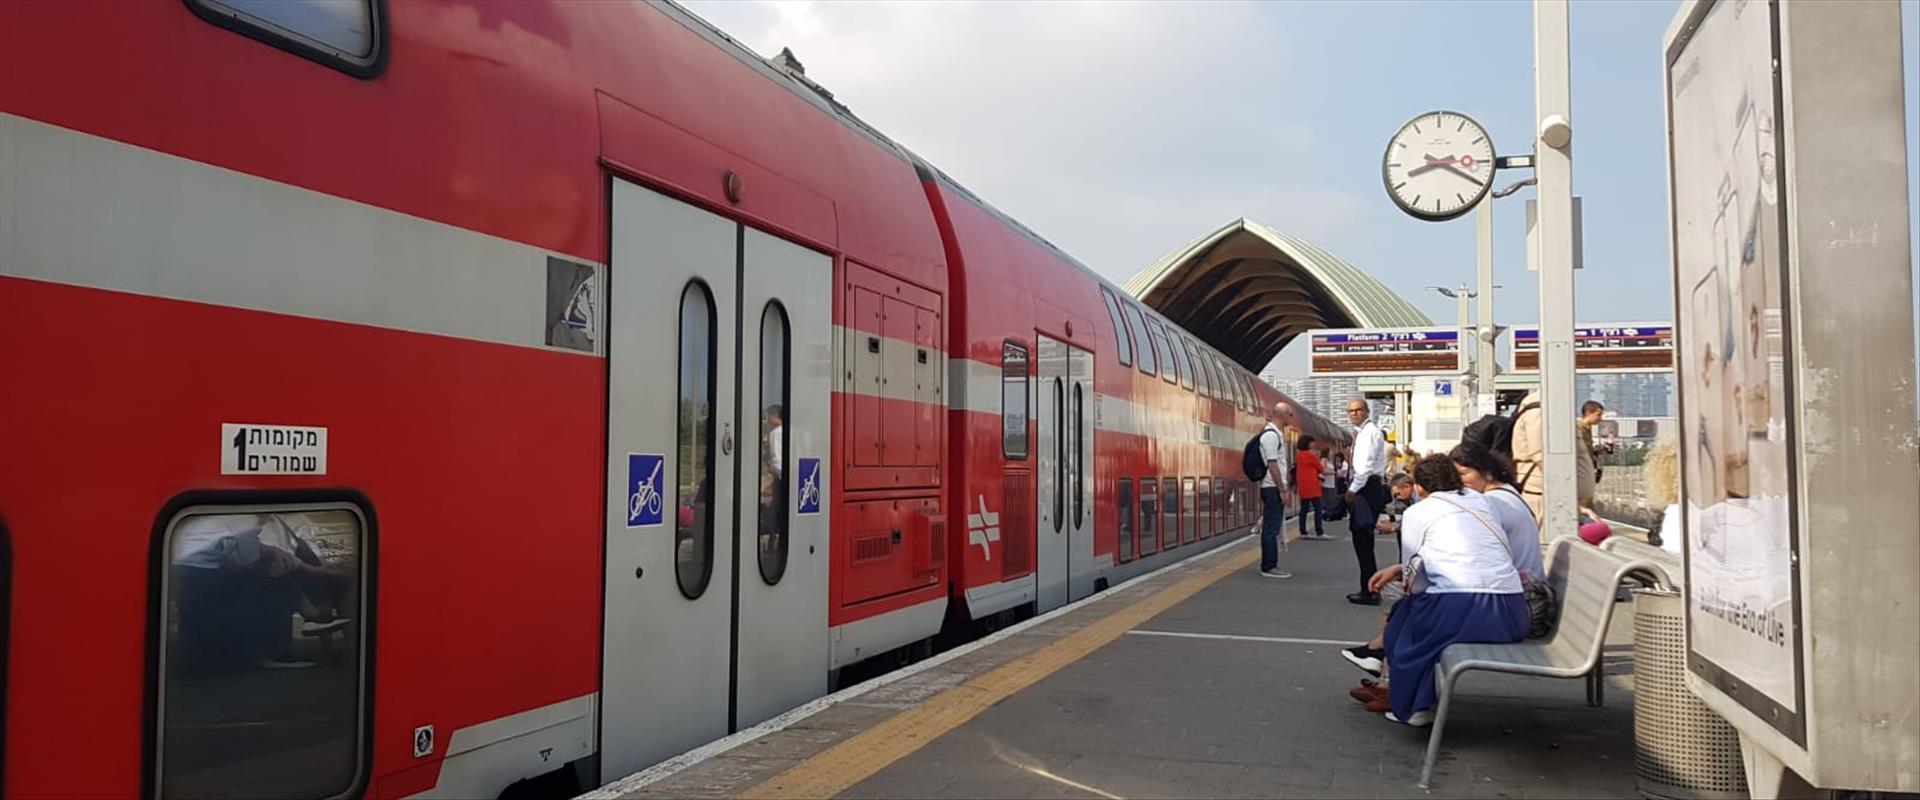 """הרכבת שנתקעה בתחנת ת""""א האוניברסיטה, הבוקר"""